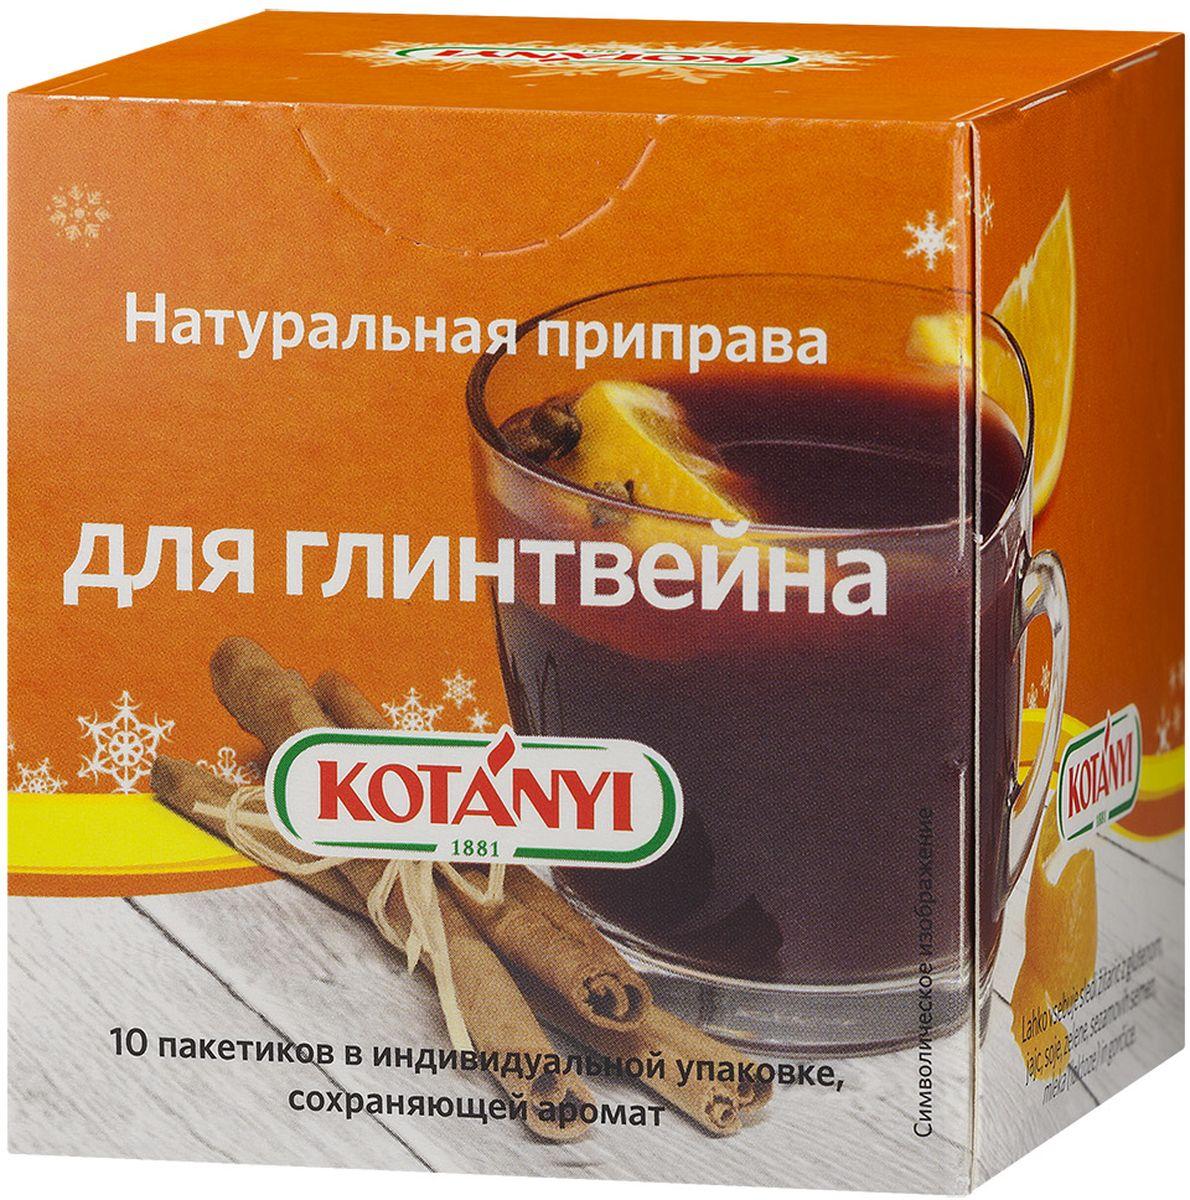 Kotanyi натуральная приправа для глинтвейна, 10 пакетиков по 15 г 226611